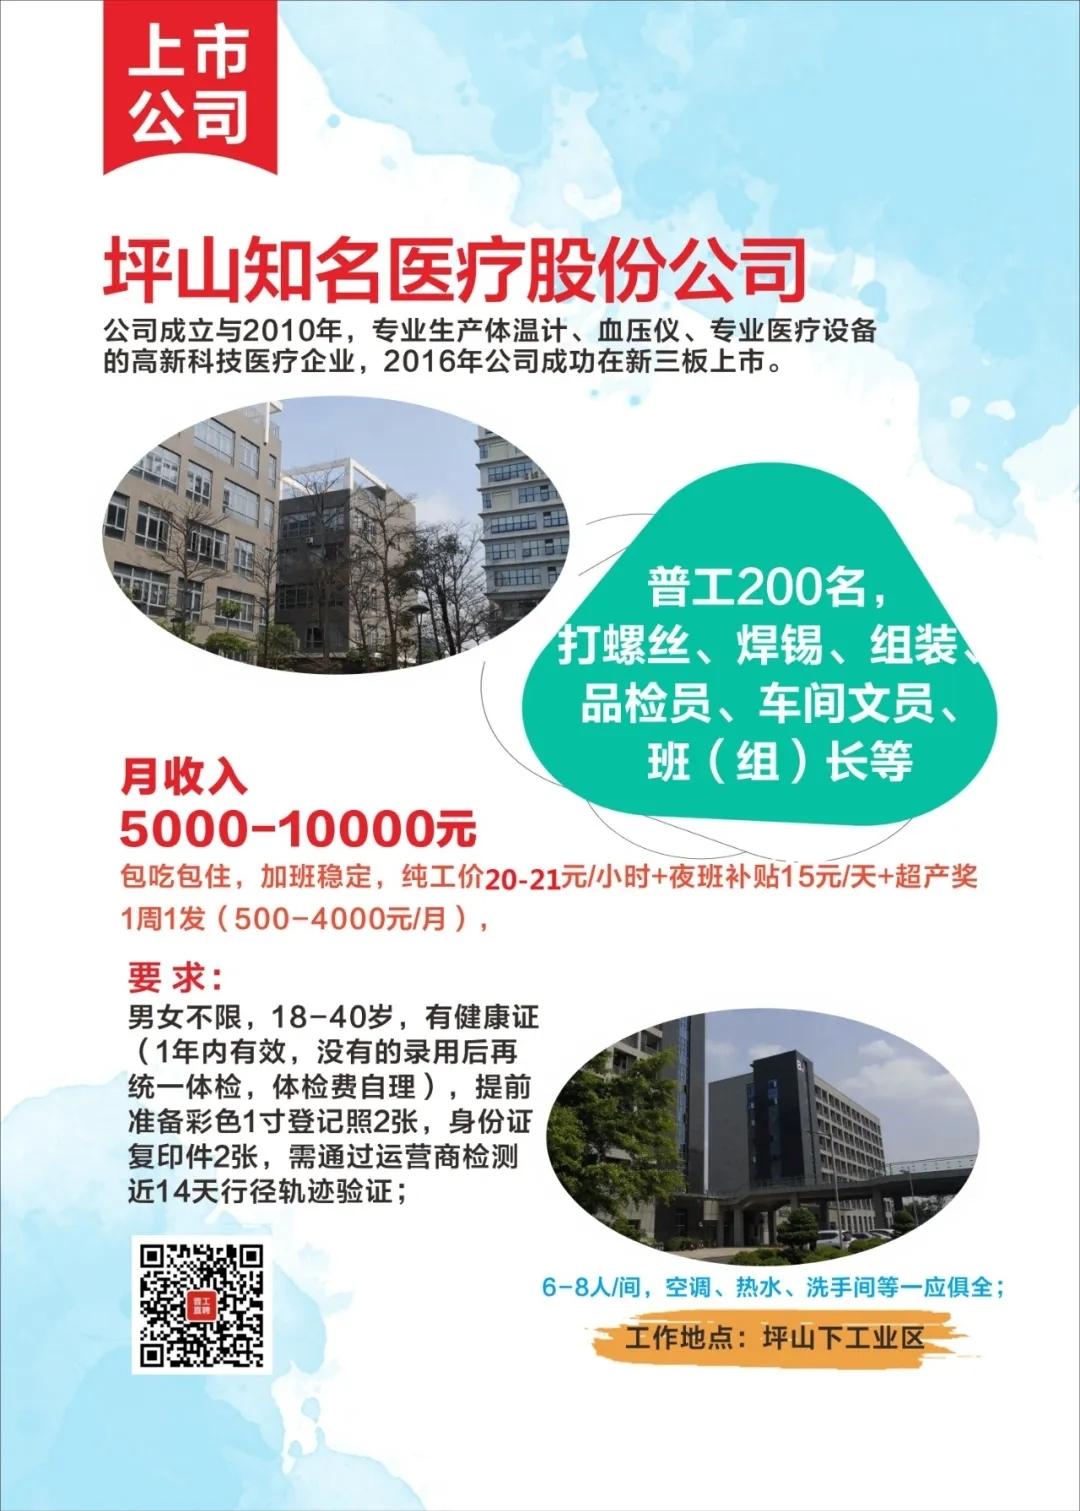 深圳最全|临时工/小时工...全都有|月薪5000-8000